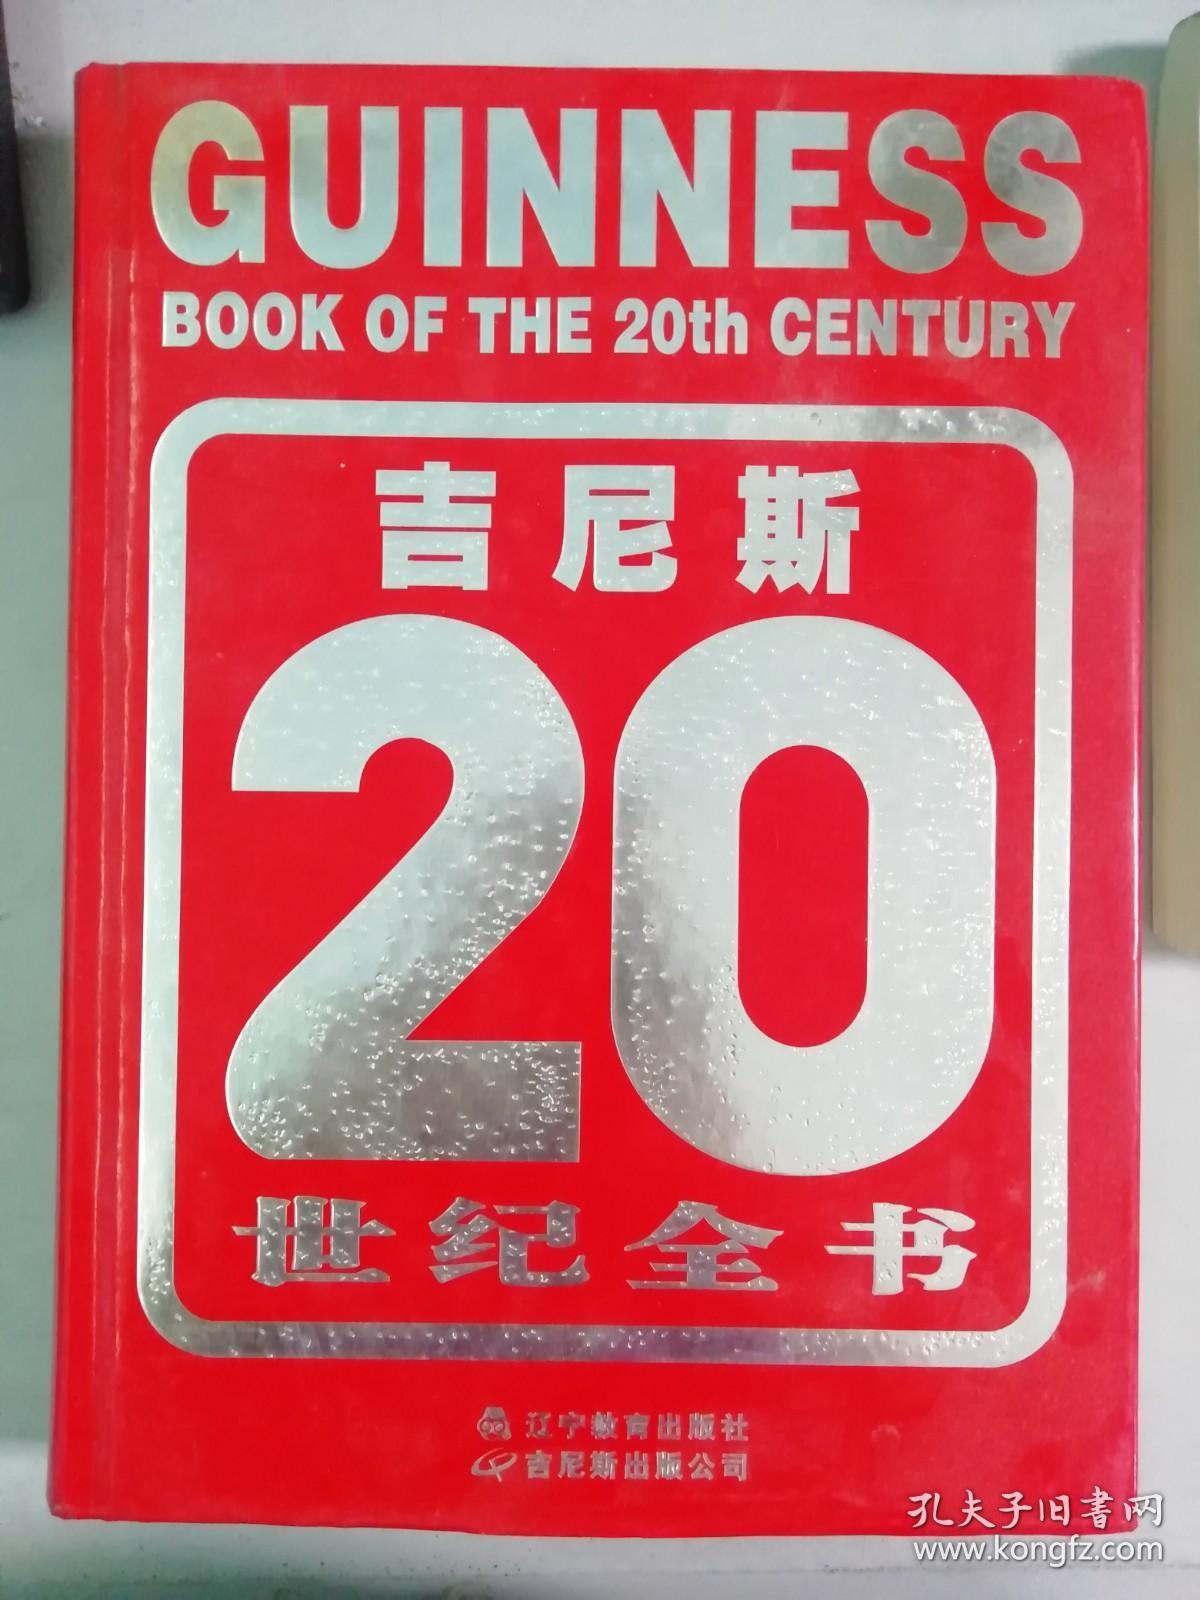 发货快~吉尼斯20世纪全书9787538254099